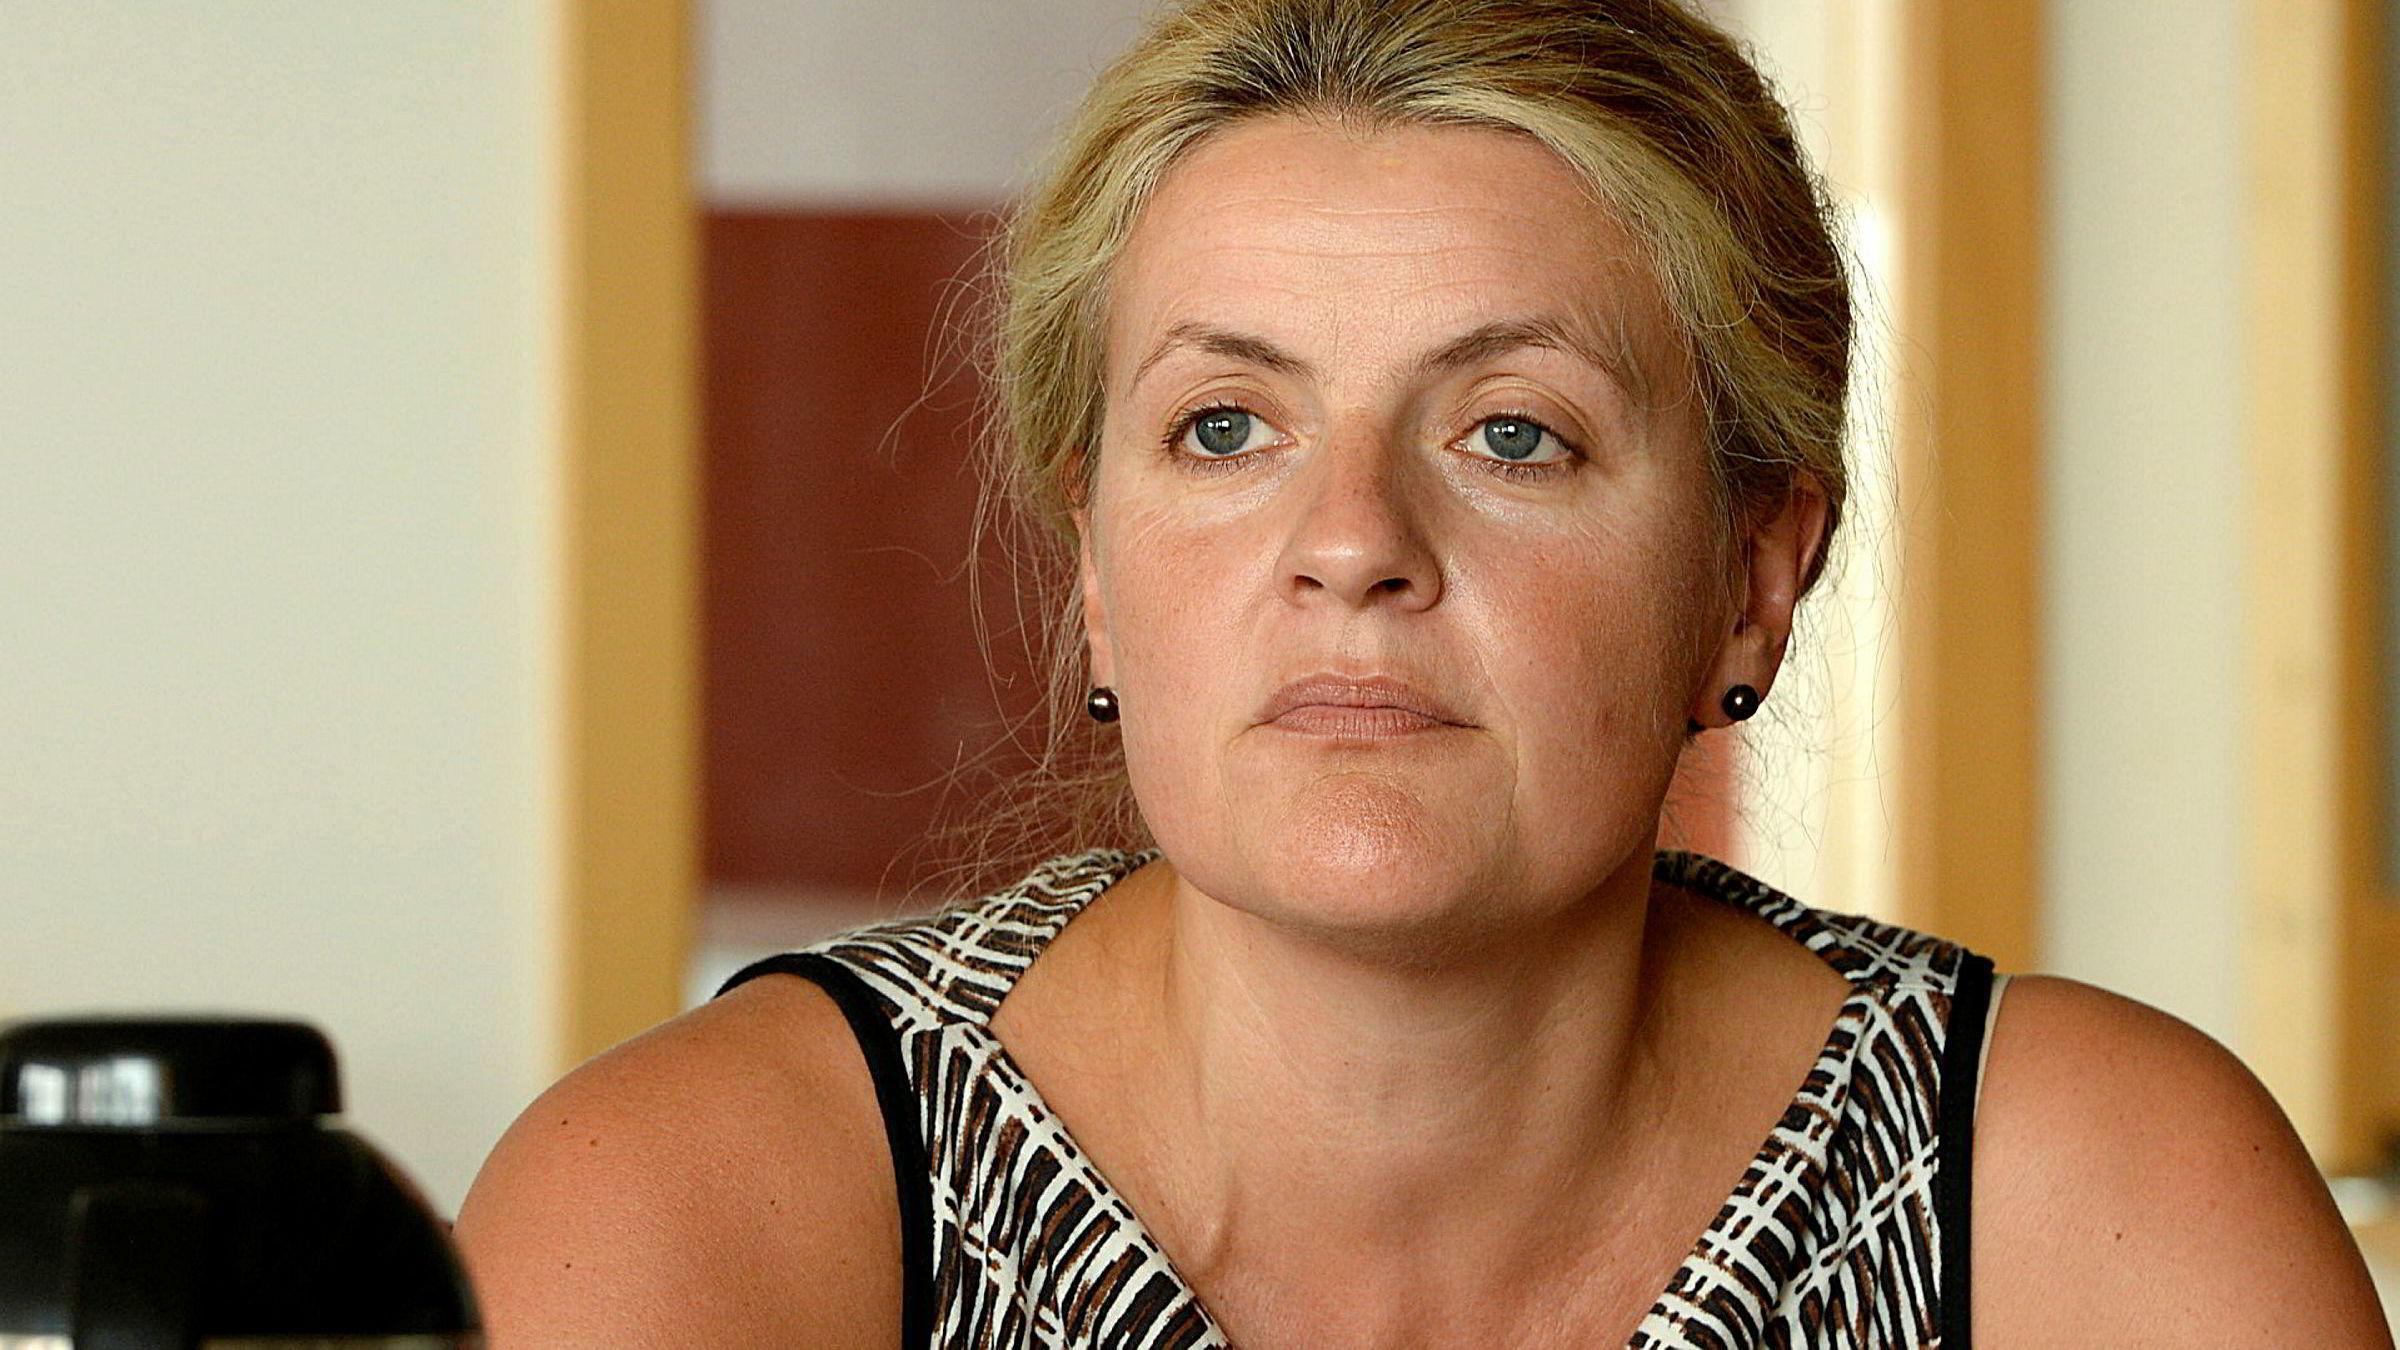 Direktør for arbeidsliv i Hovedorganisasjonen Virke, Inger Lise Blyverket, sier den norske sykelønnsordningen er for dyr, og ønsker endring.